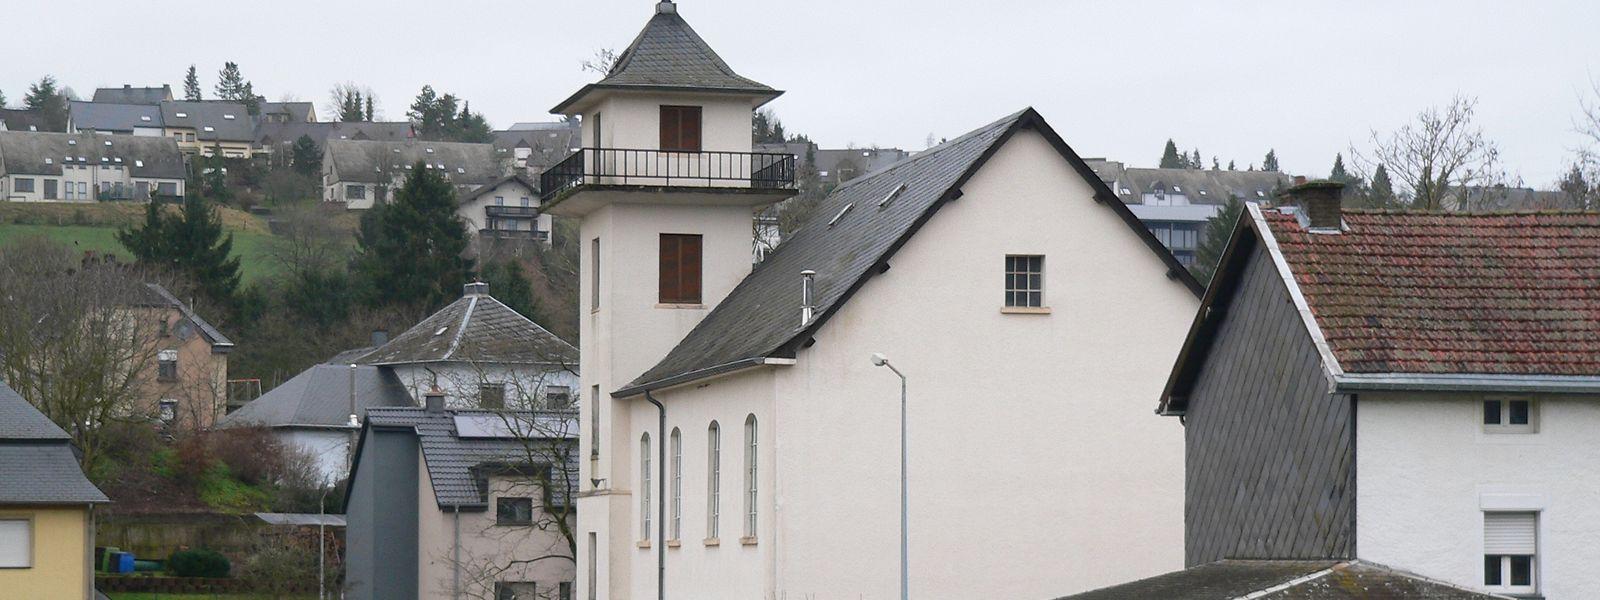 """Der ehemaligen Feuerwehrkaserne in Niederwiltz soll mit der Einrichtung eines nationalen """"Pompjeesmusée"""" bald wieder neues Leben eingehaucht werden."""